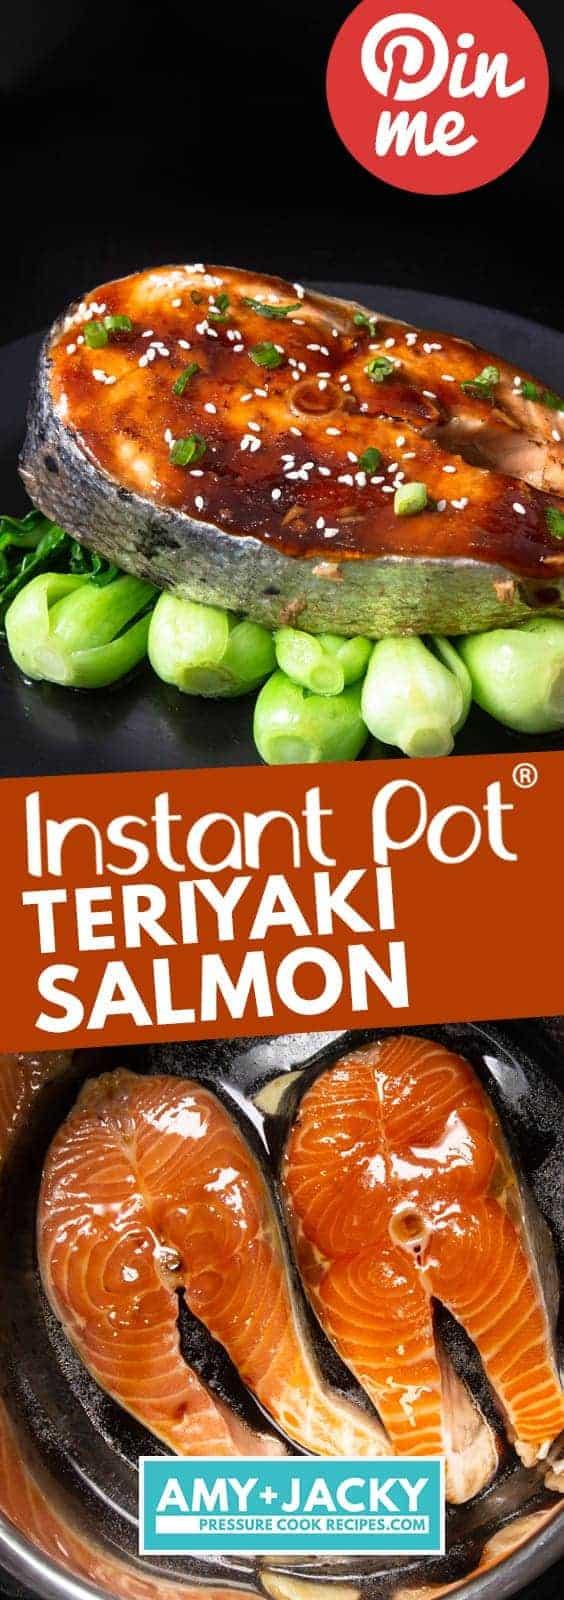 Instant Pot Teriyaki Salmon | Instant Pot Salmon | Instant Pot Fish | Instapot Teriyaki Salmon | Pressure Cooker Teriyaki Salmon | Pressure Cooker Salmon | Pressure Cooker Fish | Instant Pot Recipes #instantpot #pressurecooker #fish #recipes